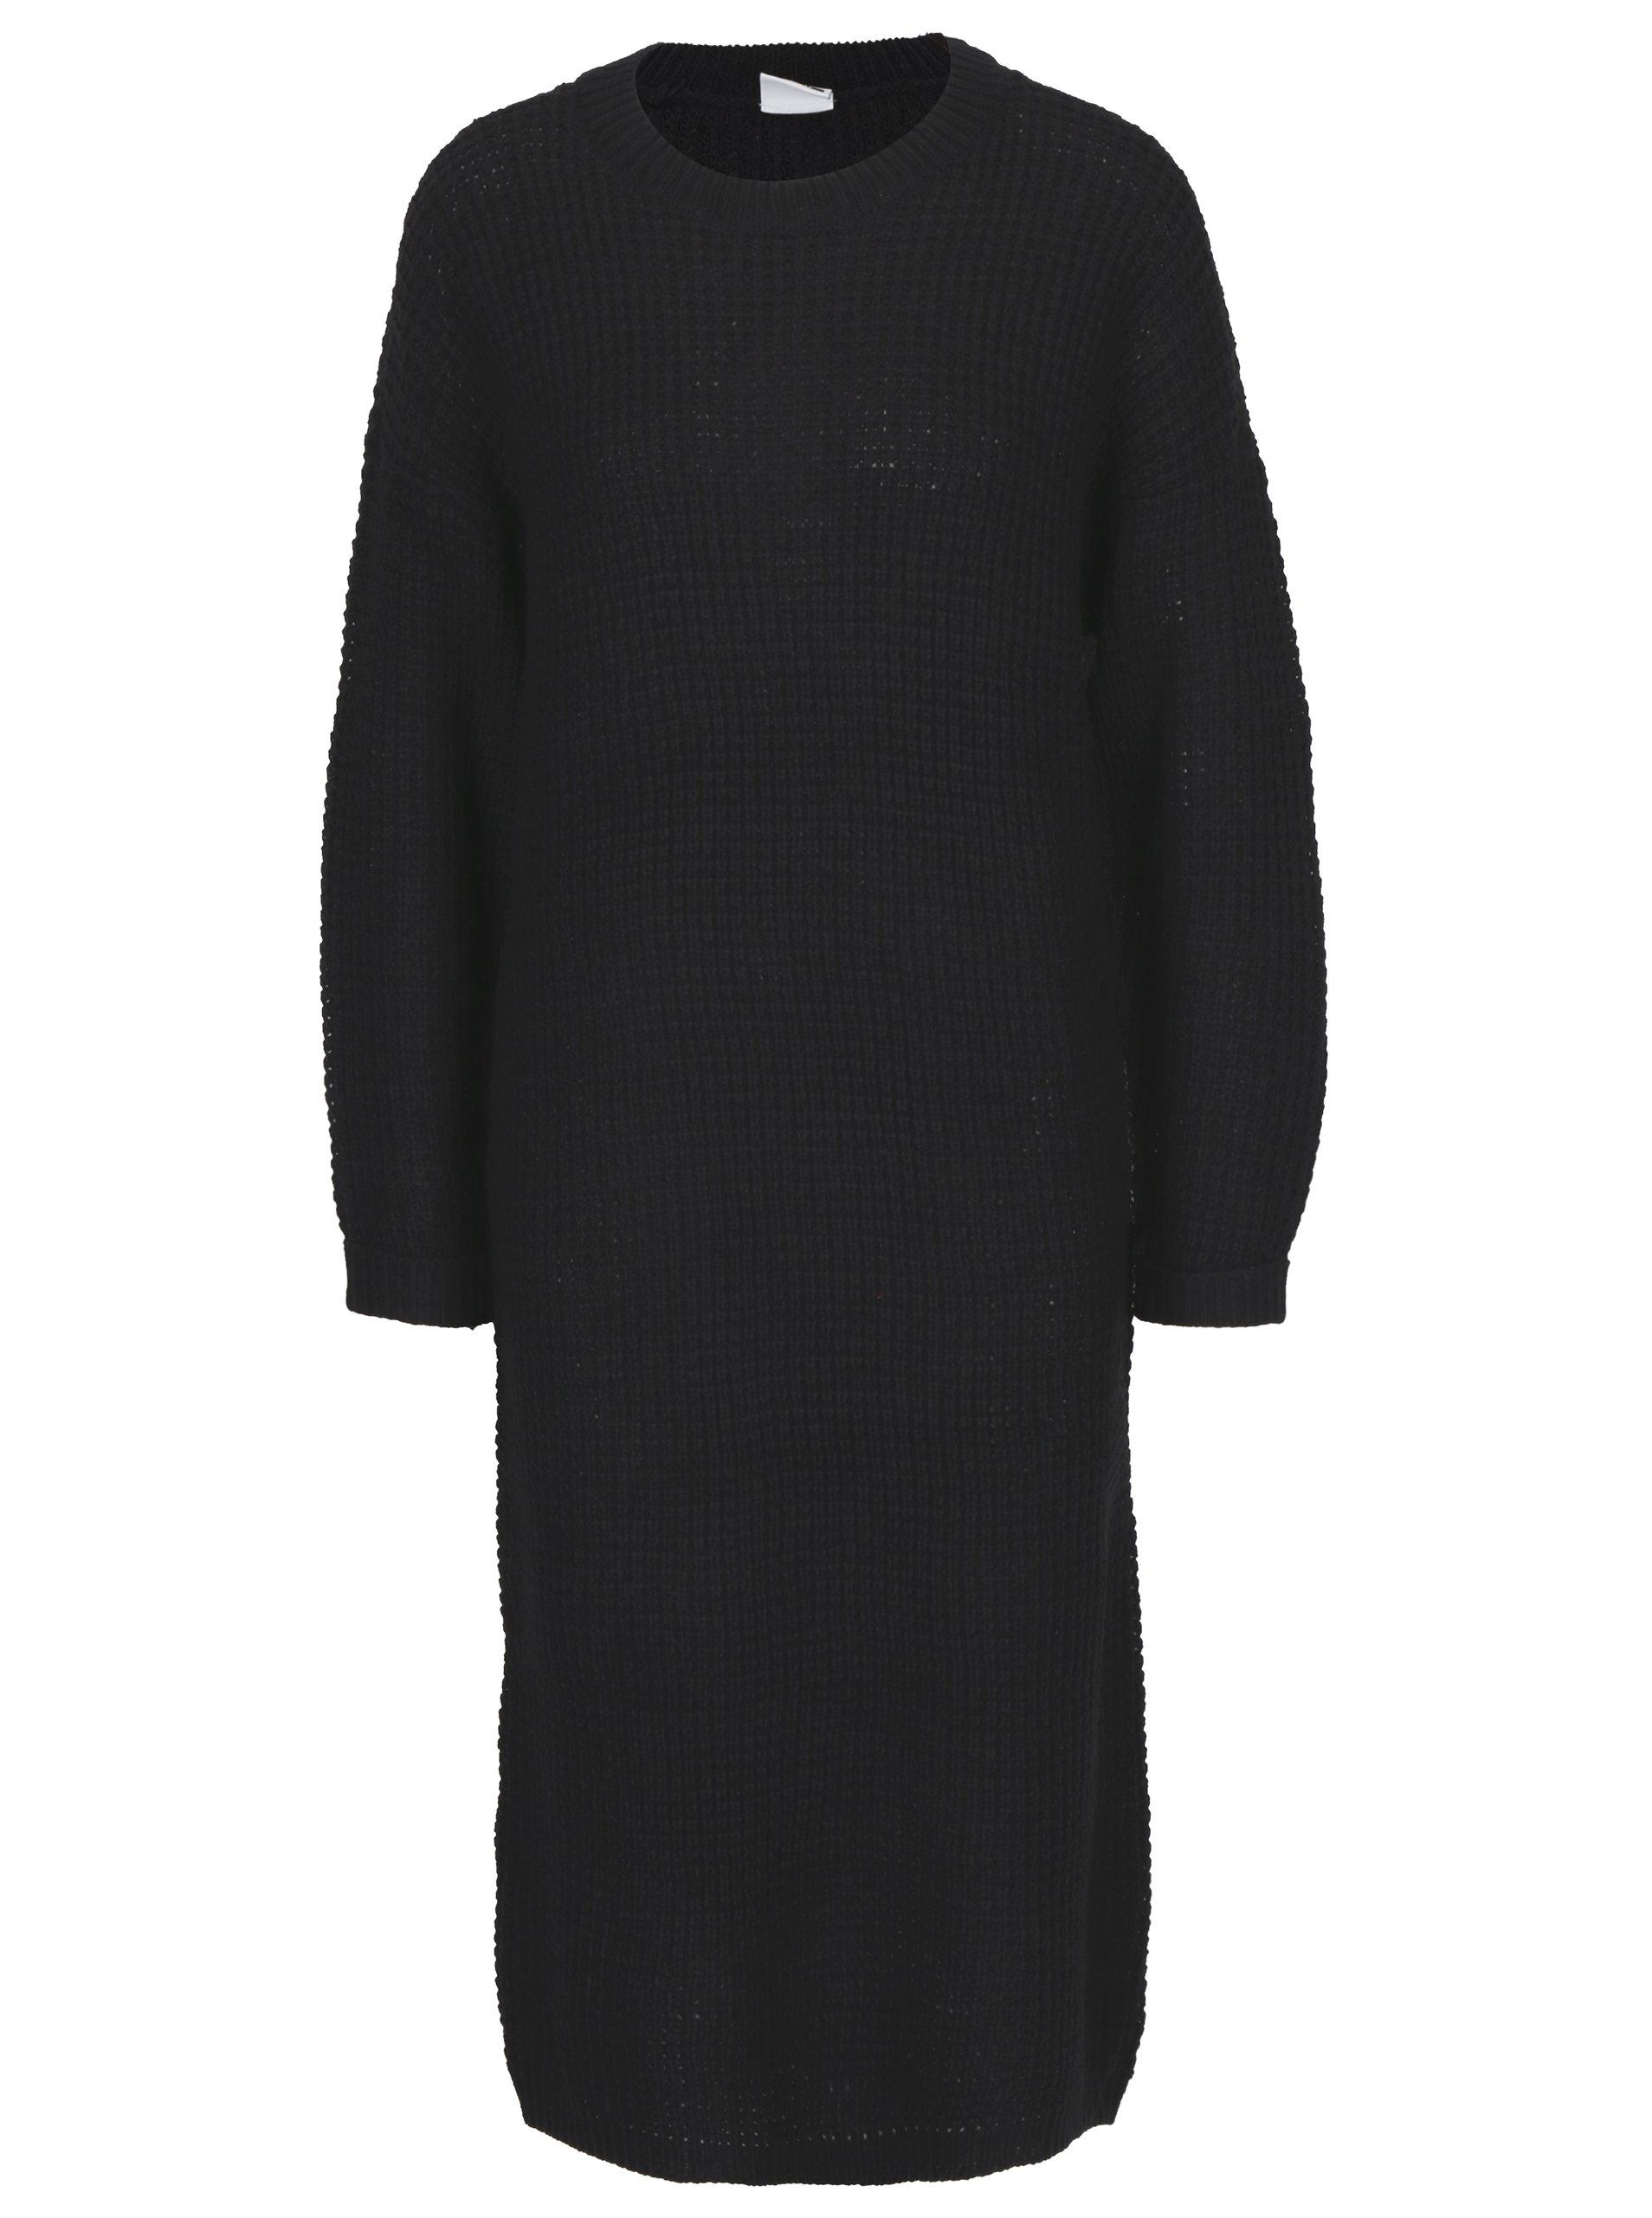 Černé svetrové šaty s dlouhým rukávem Noisy May Loone